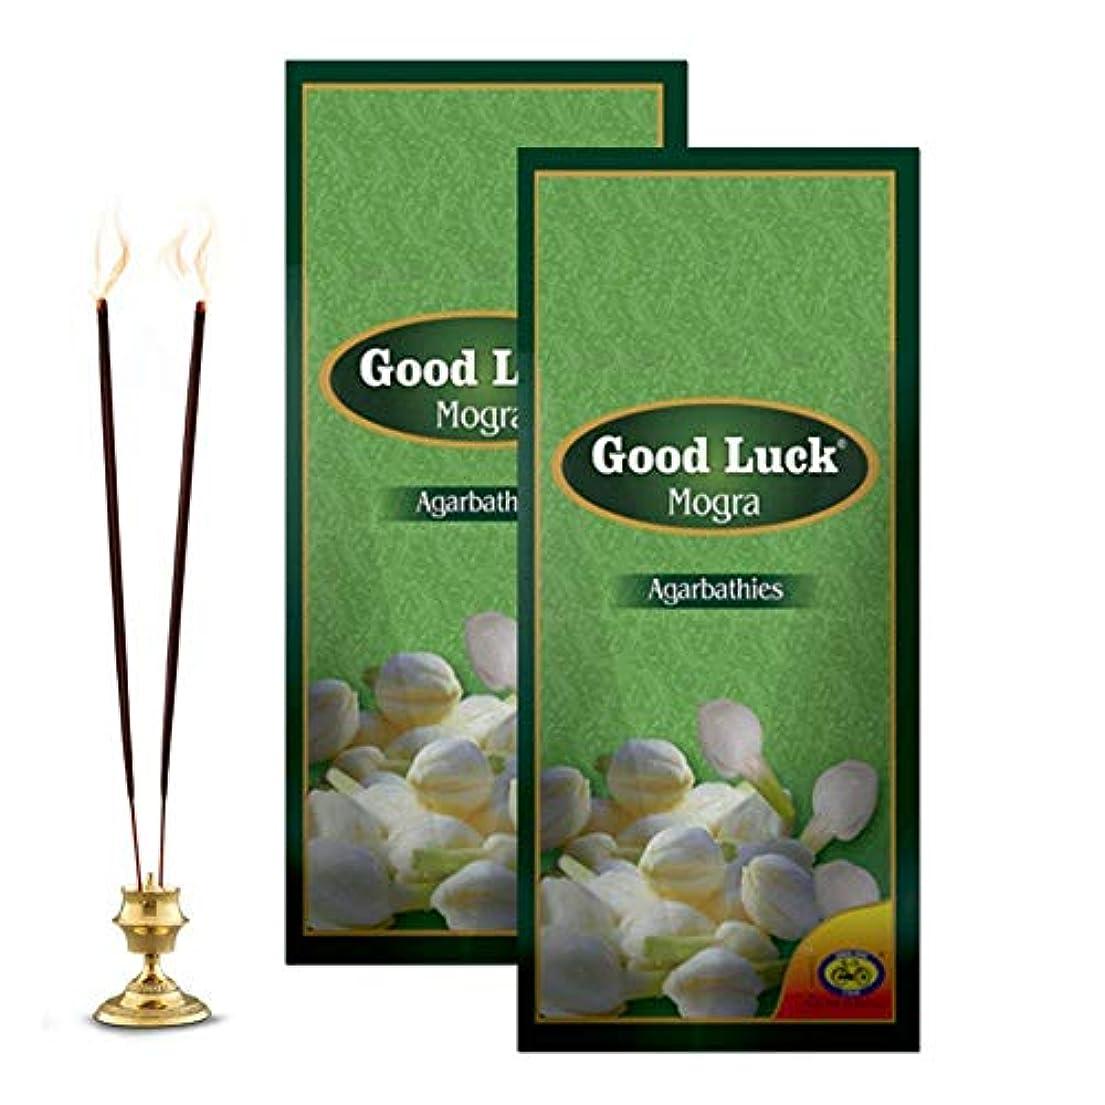 かどうか夜明けにシロナガスクジラCycle Pure Good Luck Mogra Incense Sticks - Pack of 2